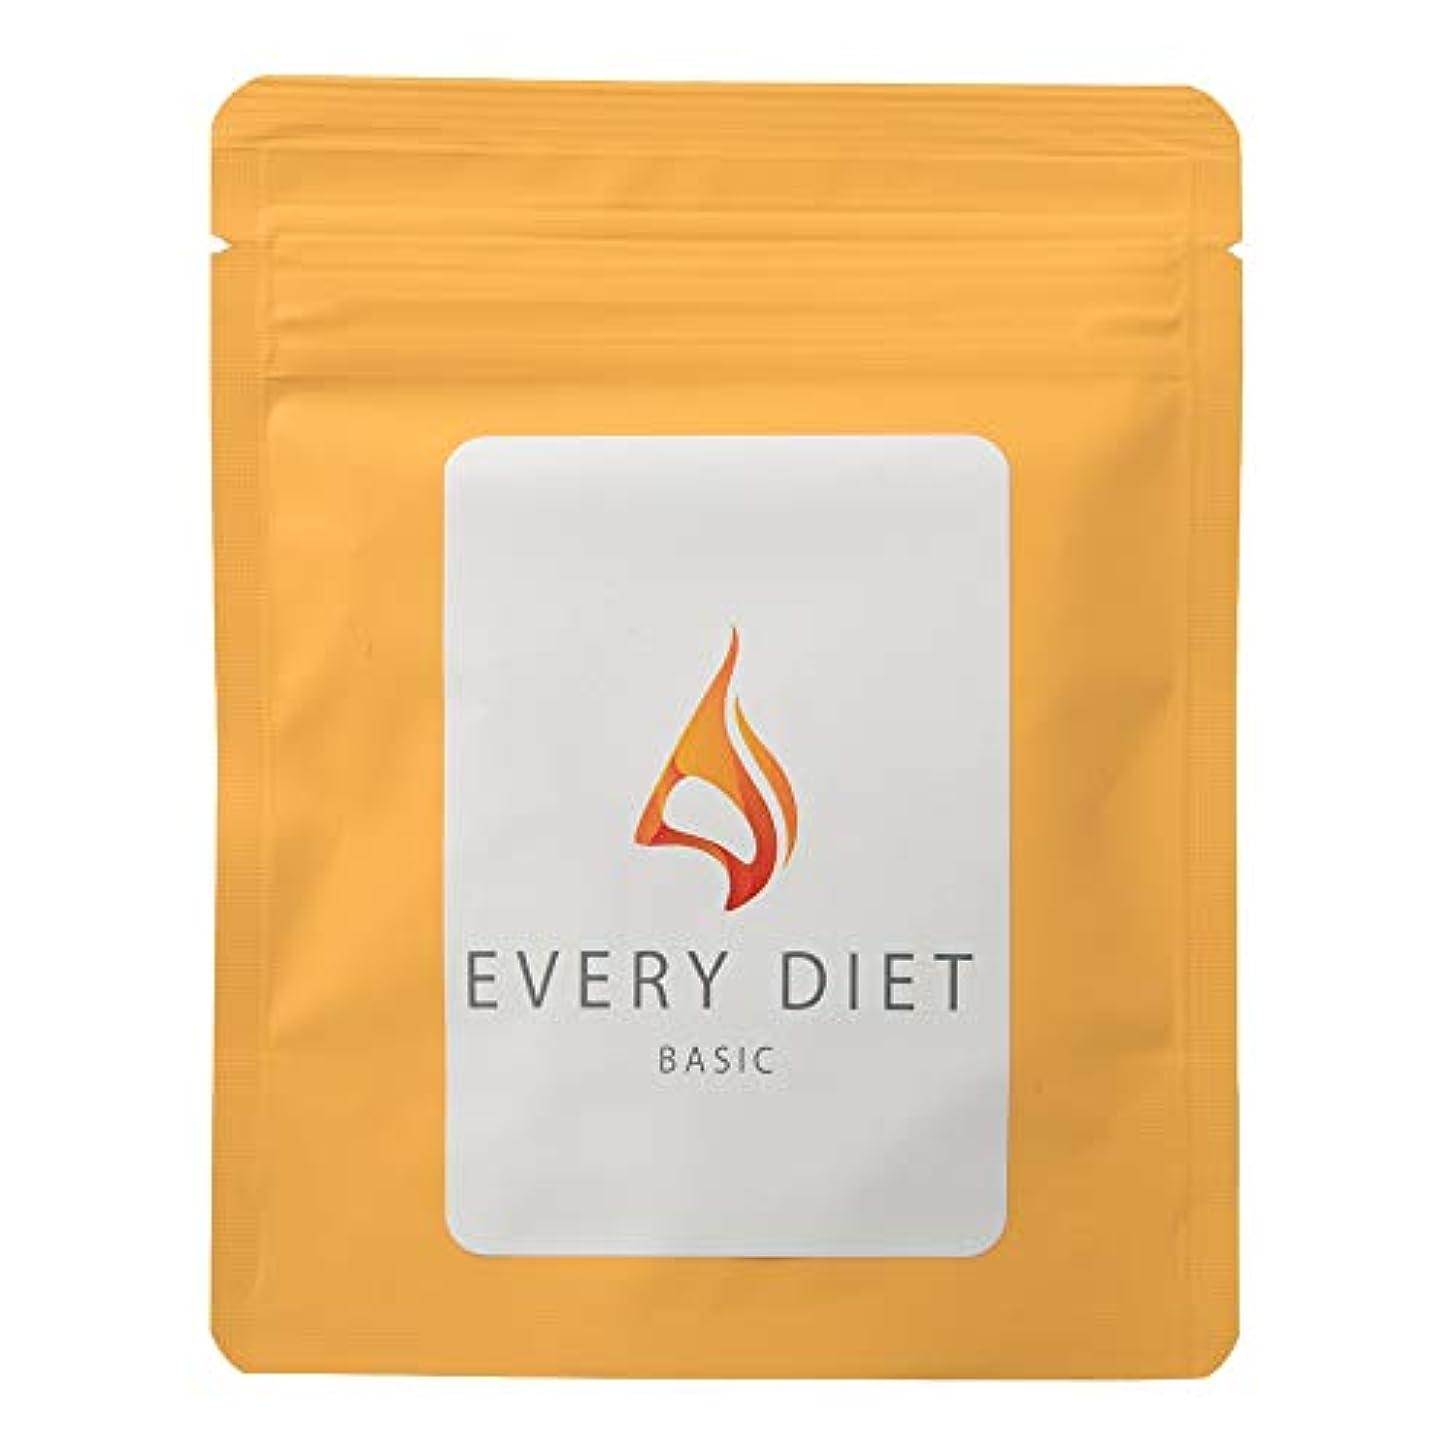 ユニークなミニチュアグラフィックEvery Diet Basic (エブリダイエット ベーシック) ダイエット サプリメント [内容量60粒/ 説明書付き]